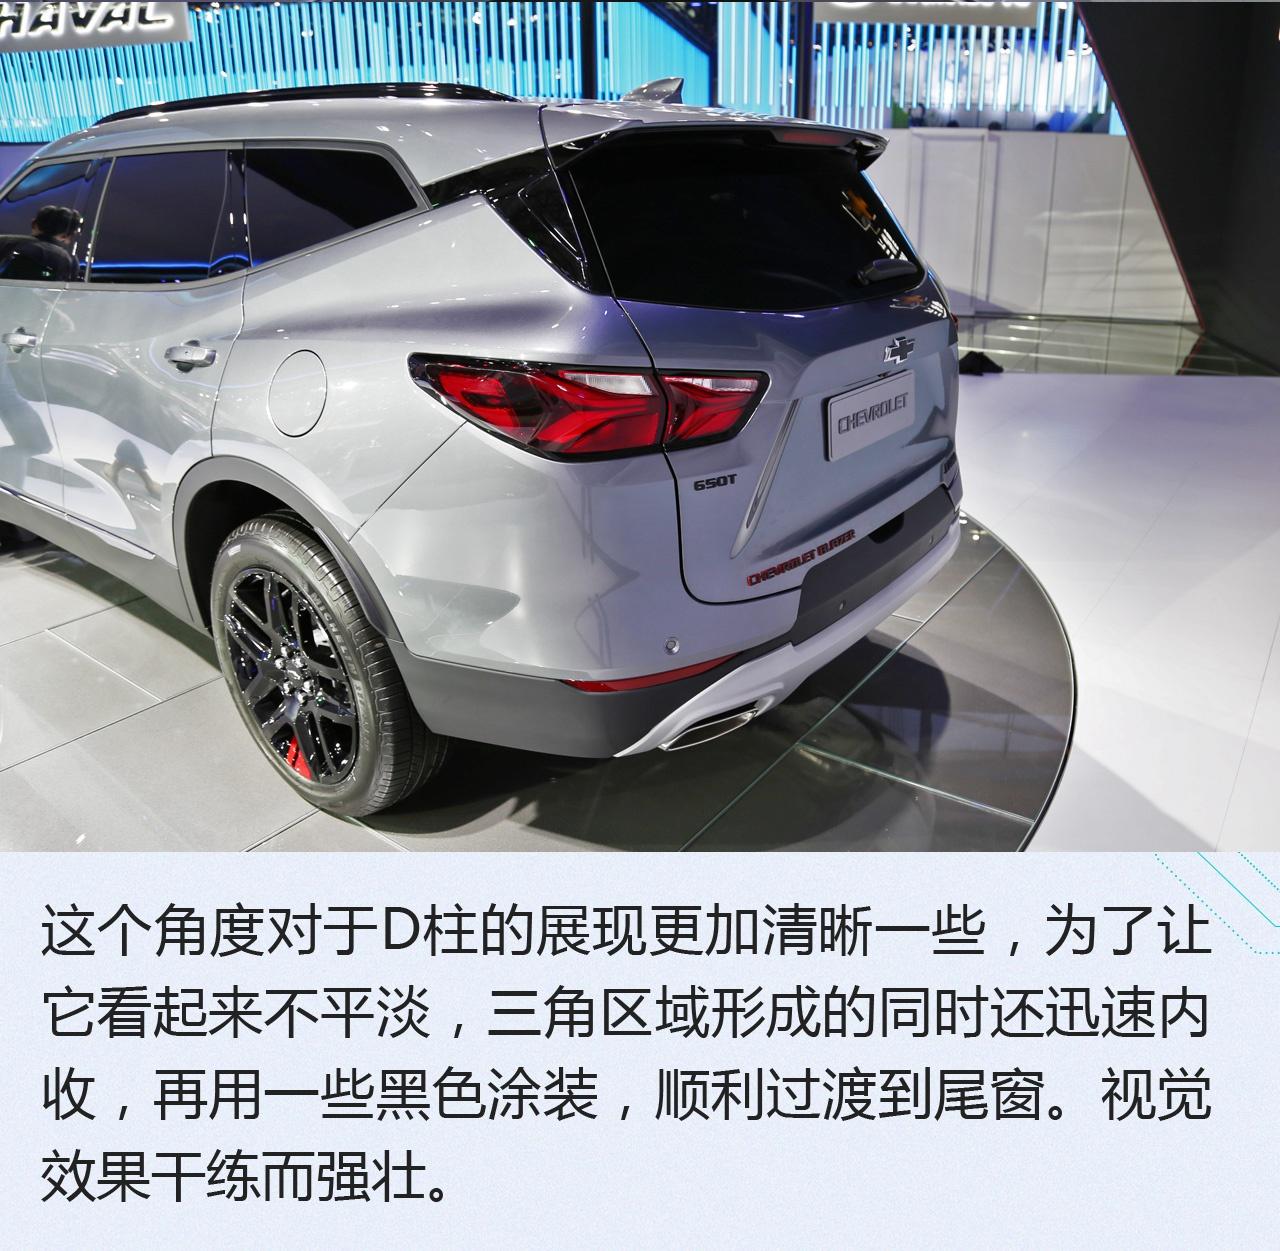 2019广州车展:矛头直指汉兰达 雪佛兰开拓者解析